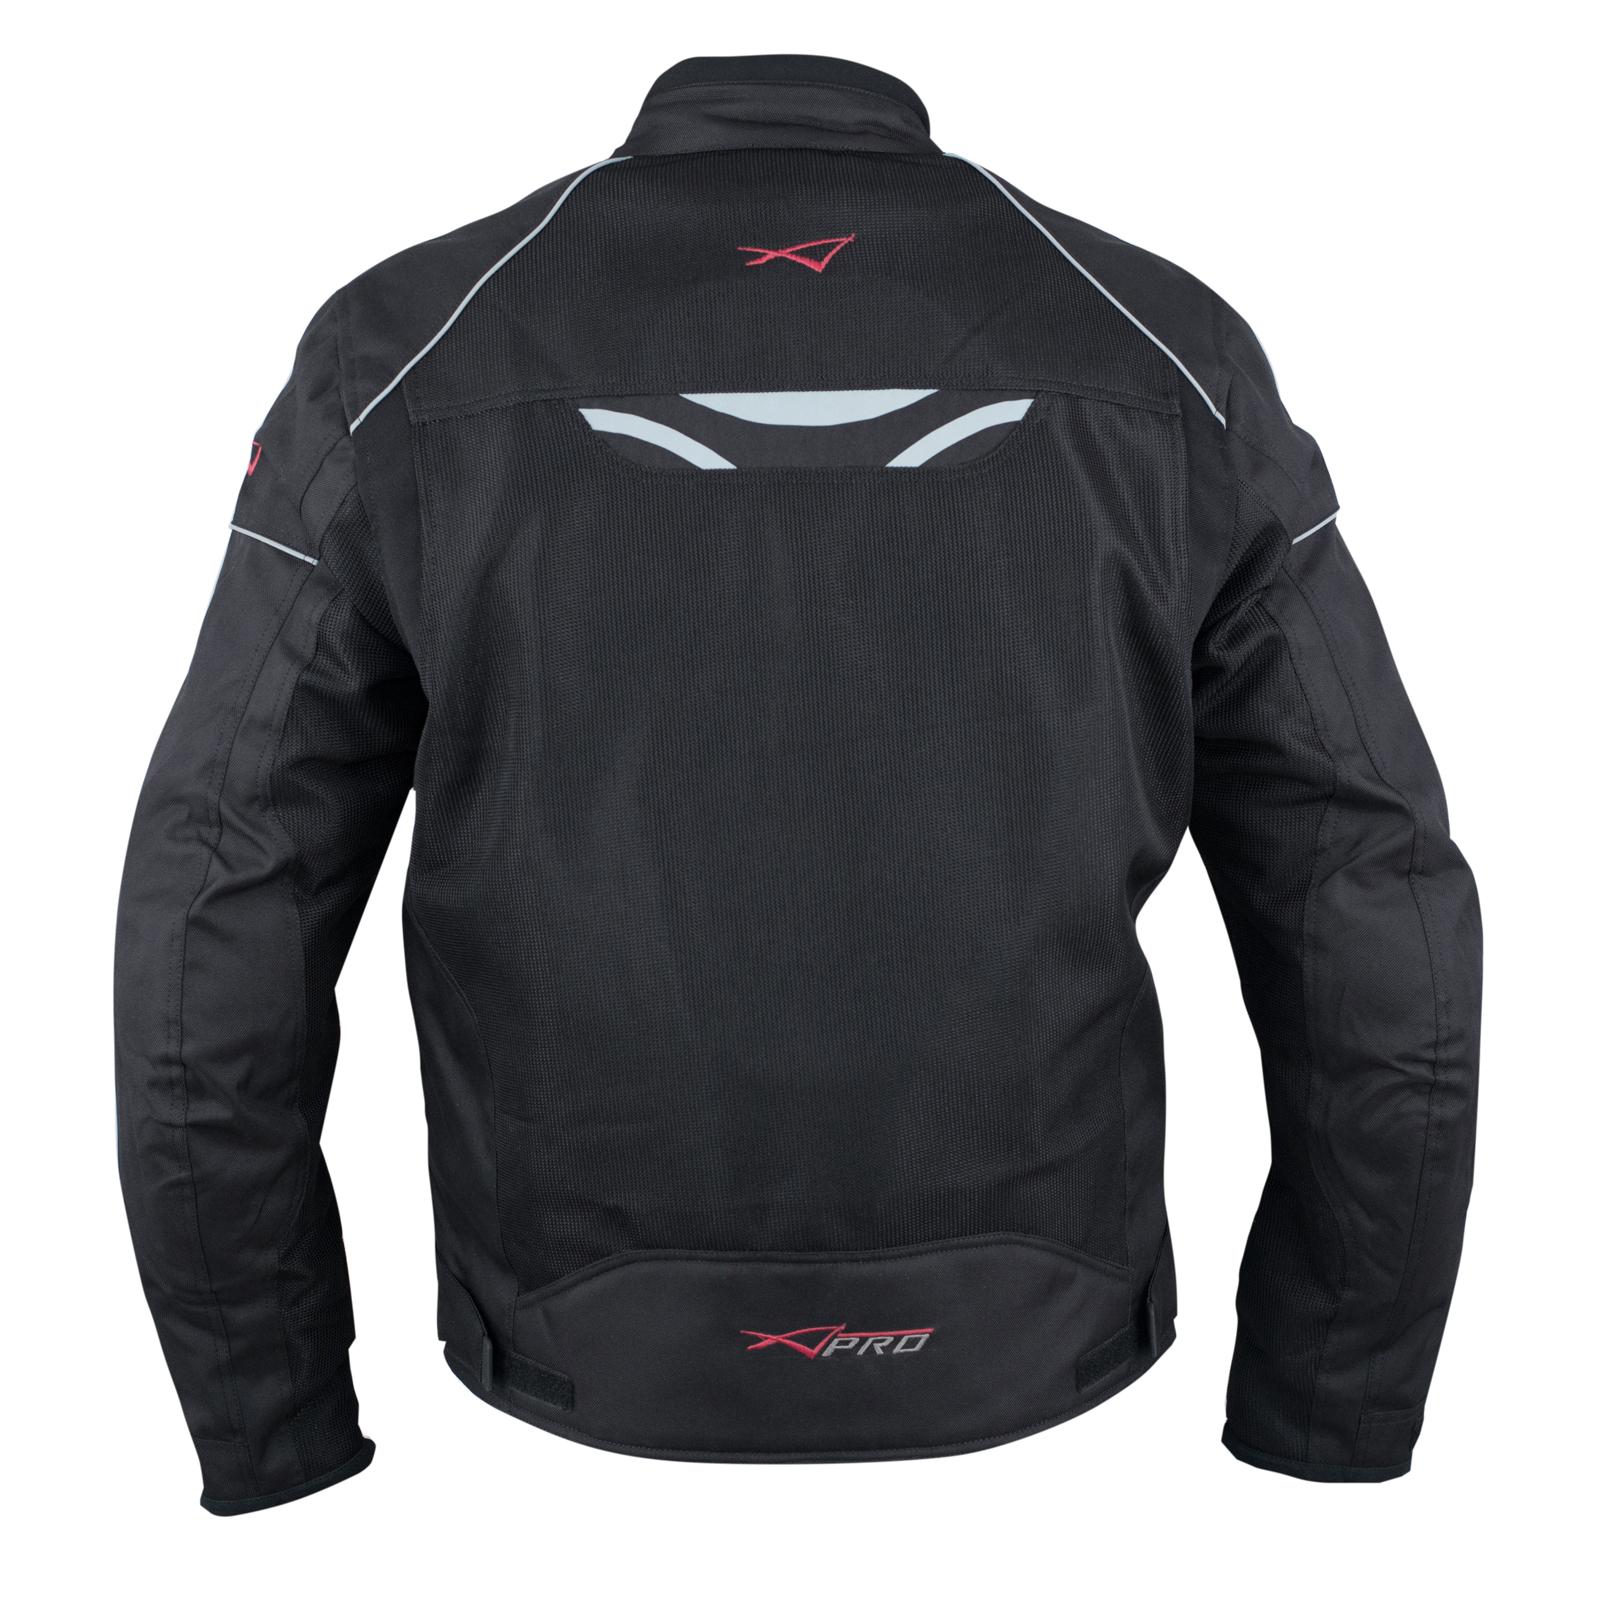 Giacca-Moto-Sport-Tessuto-Protezioni-CE-Impermeabile-Ventilata-Nero miniature 8